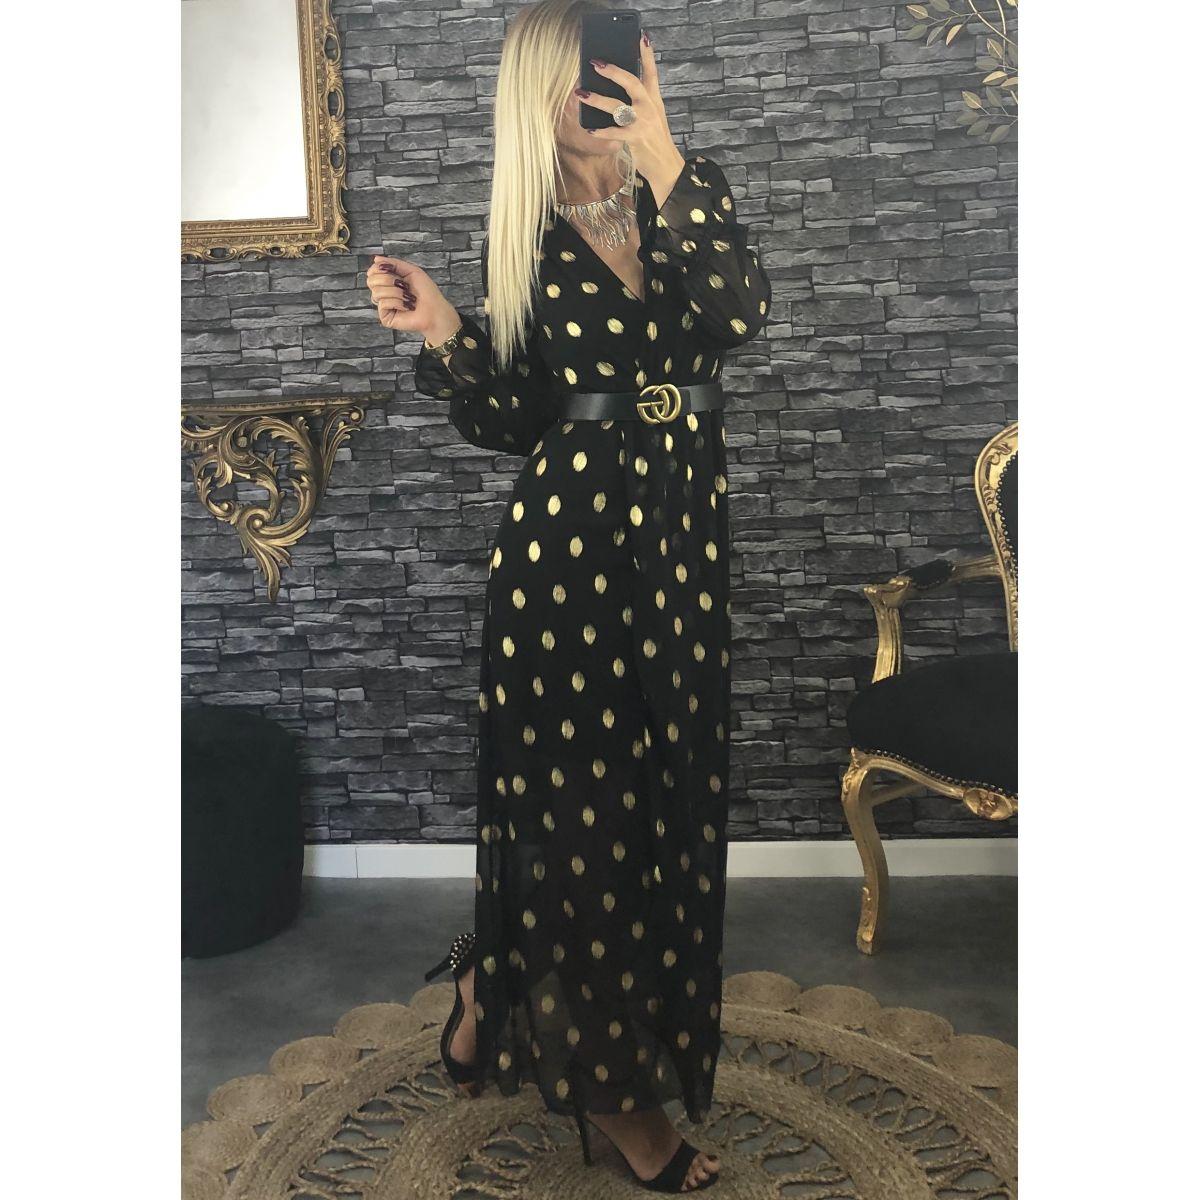 Robe longue cache coeur noire détail gold